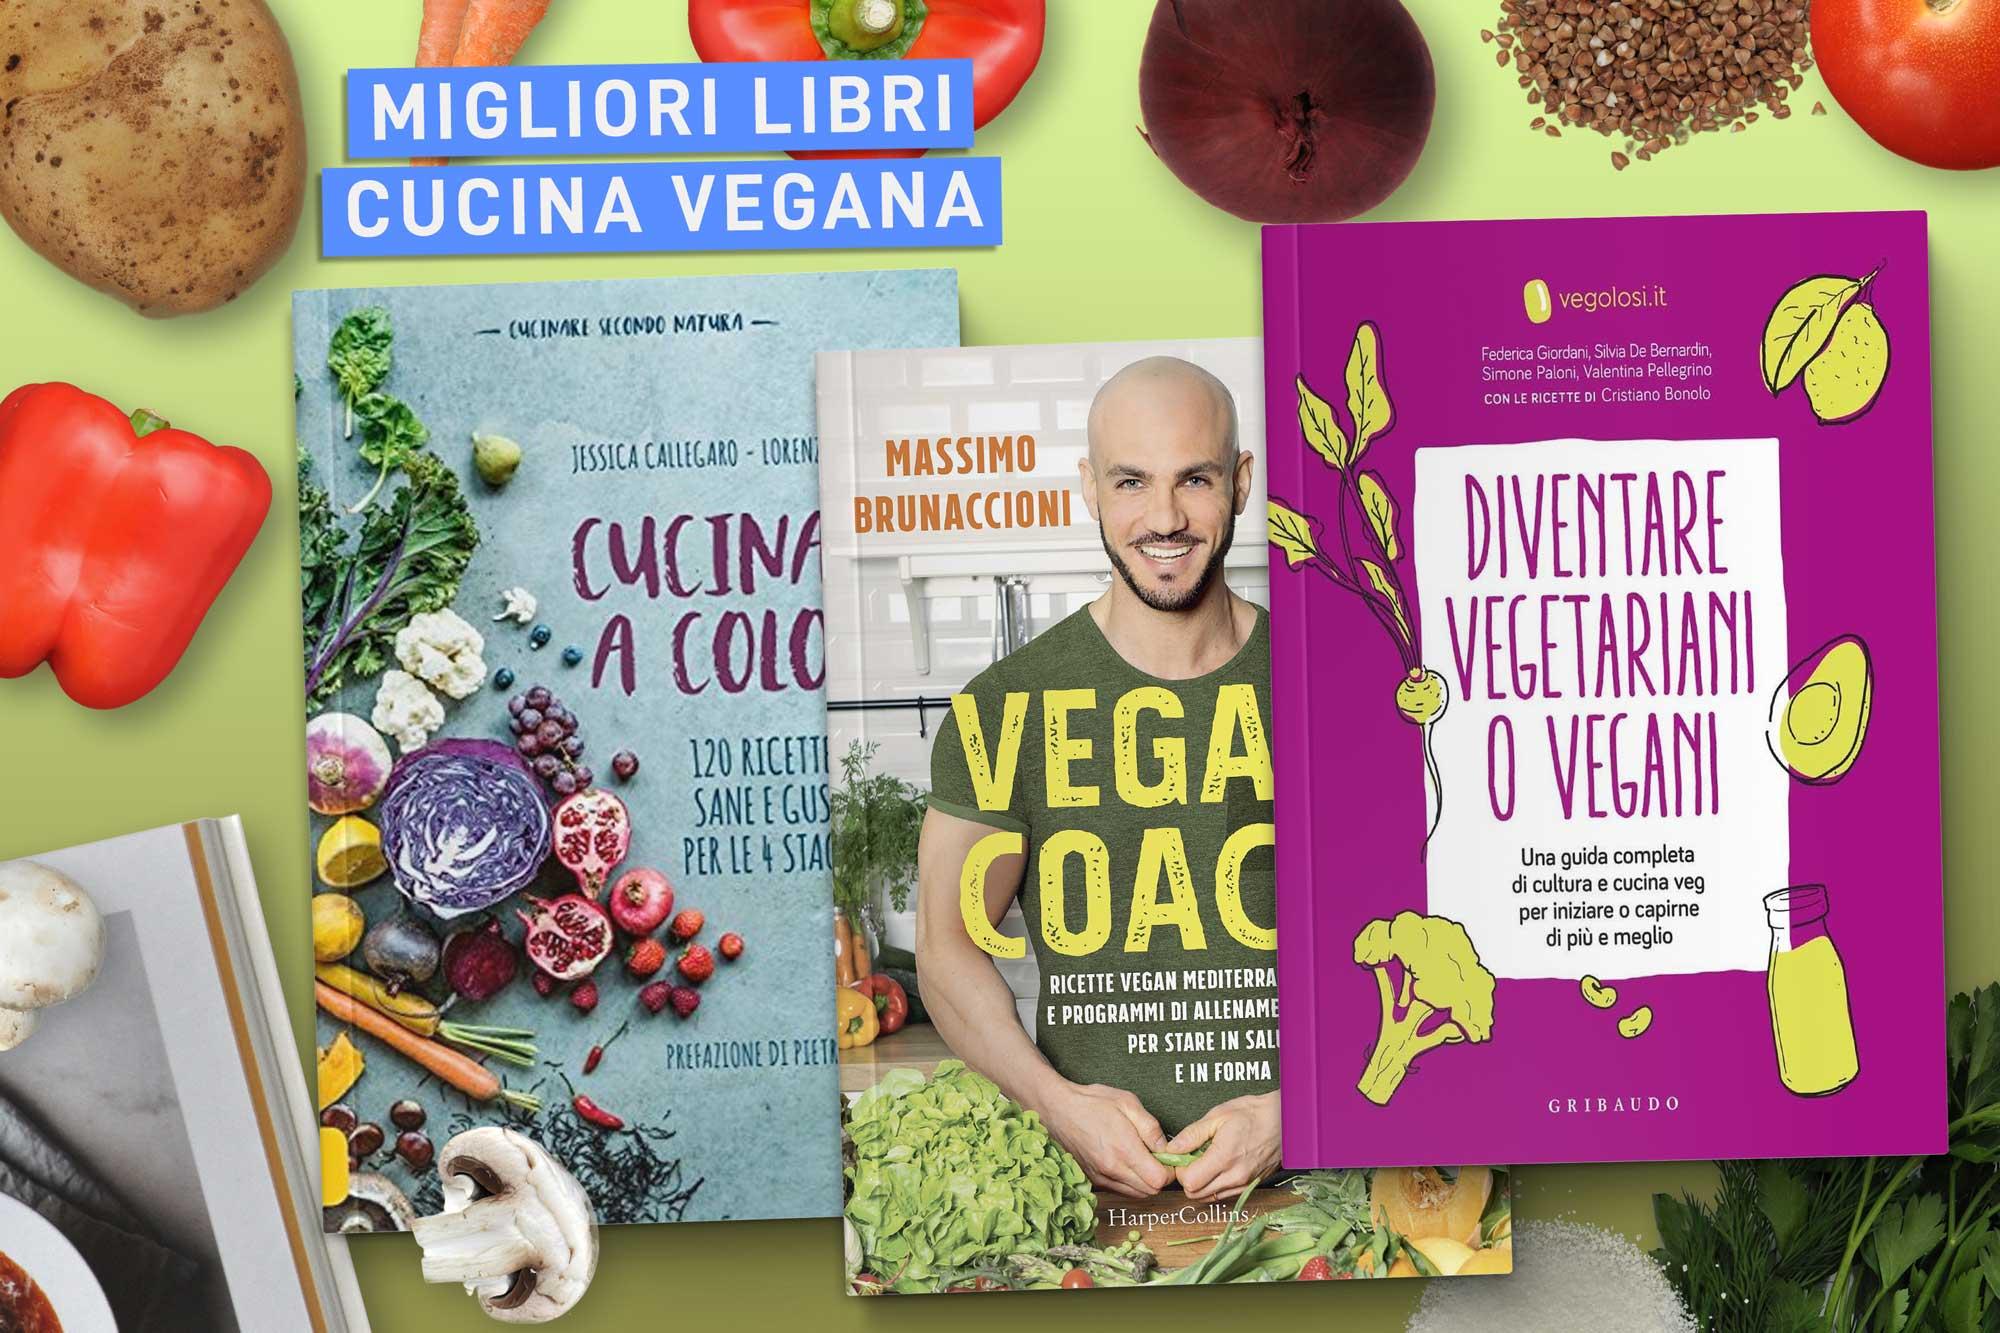 Migliori-libri-cucina-vegana-ricettari-vegan